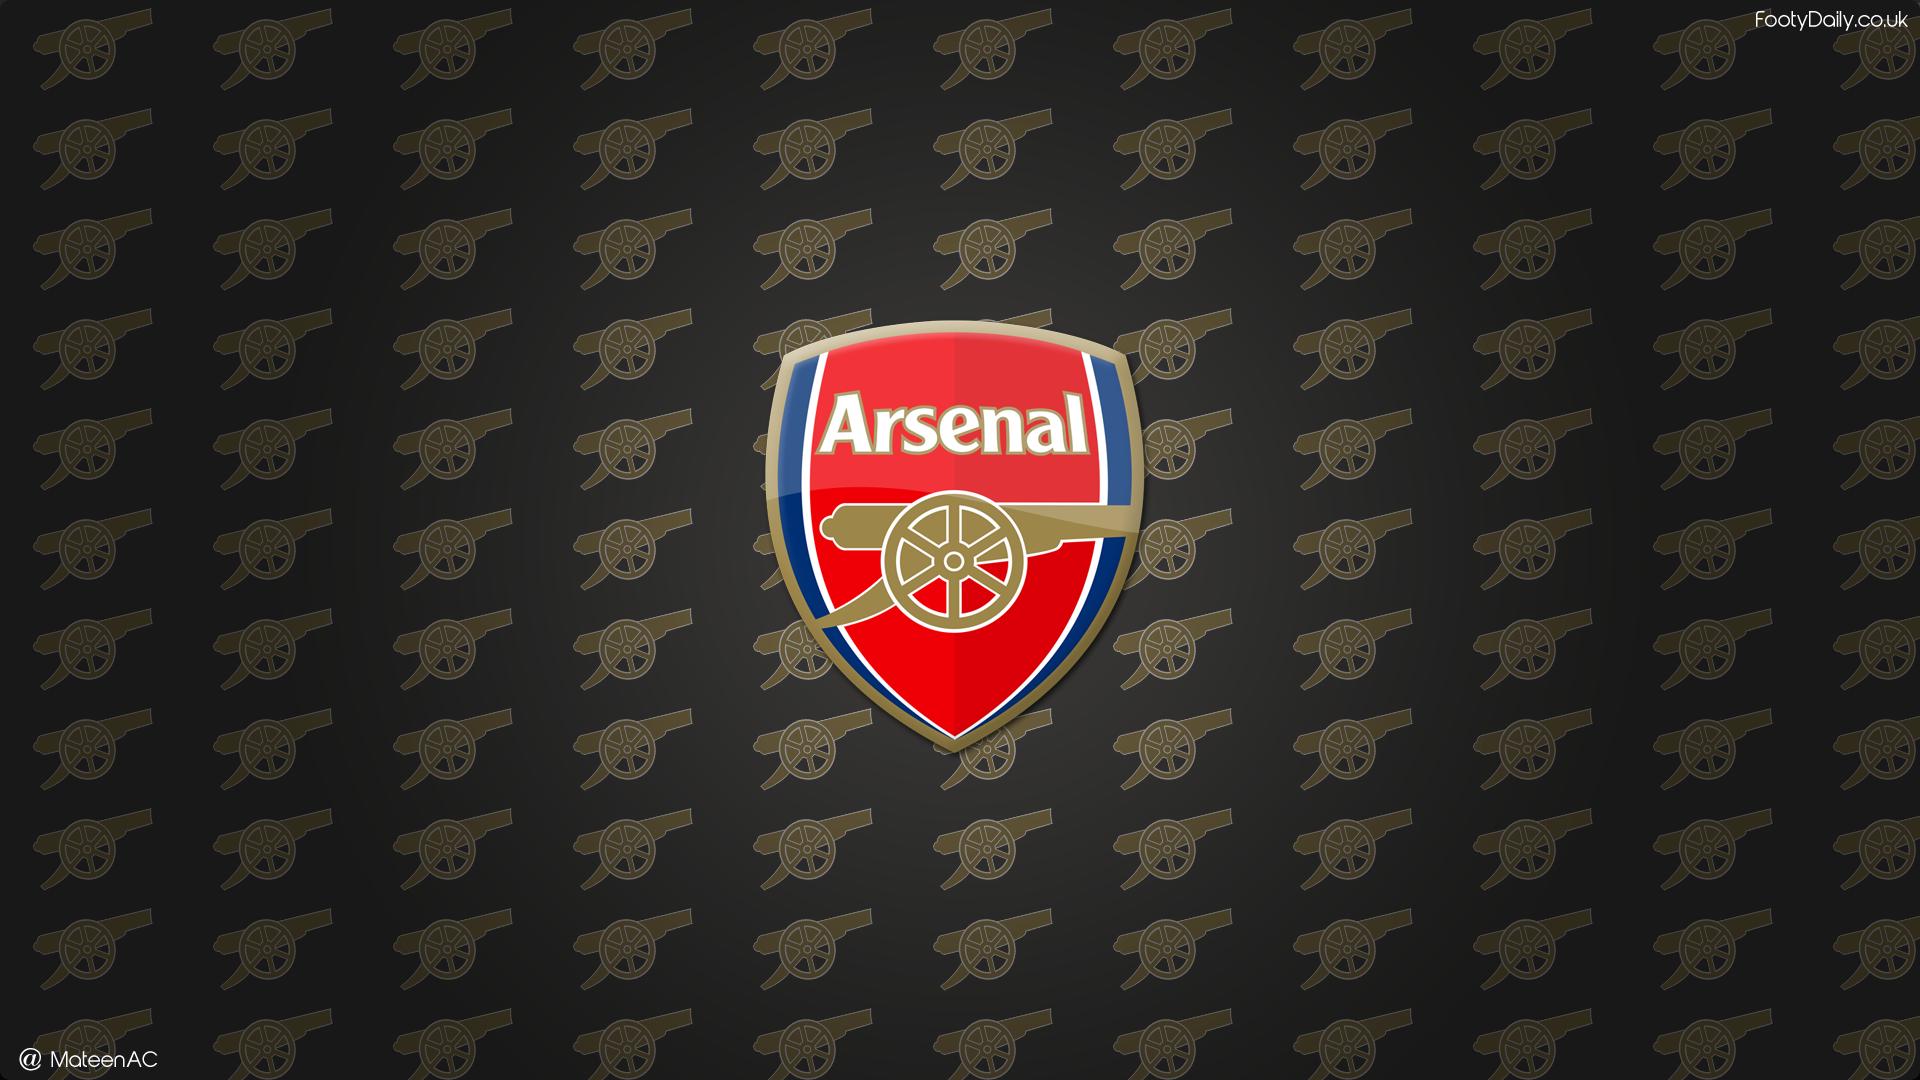 15 Arsenal Wallpaper HD 1920x1080